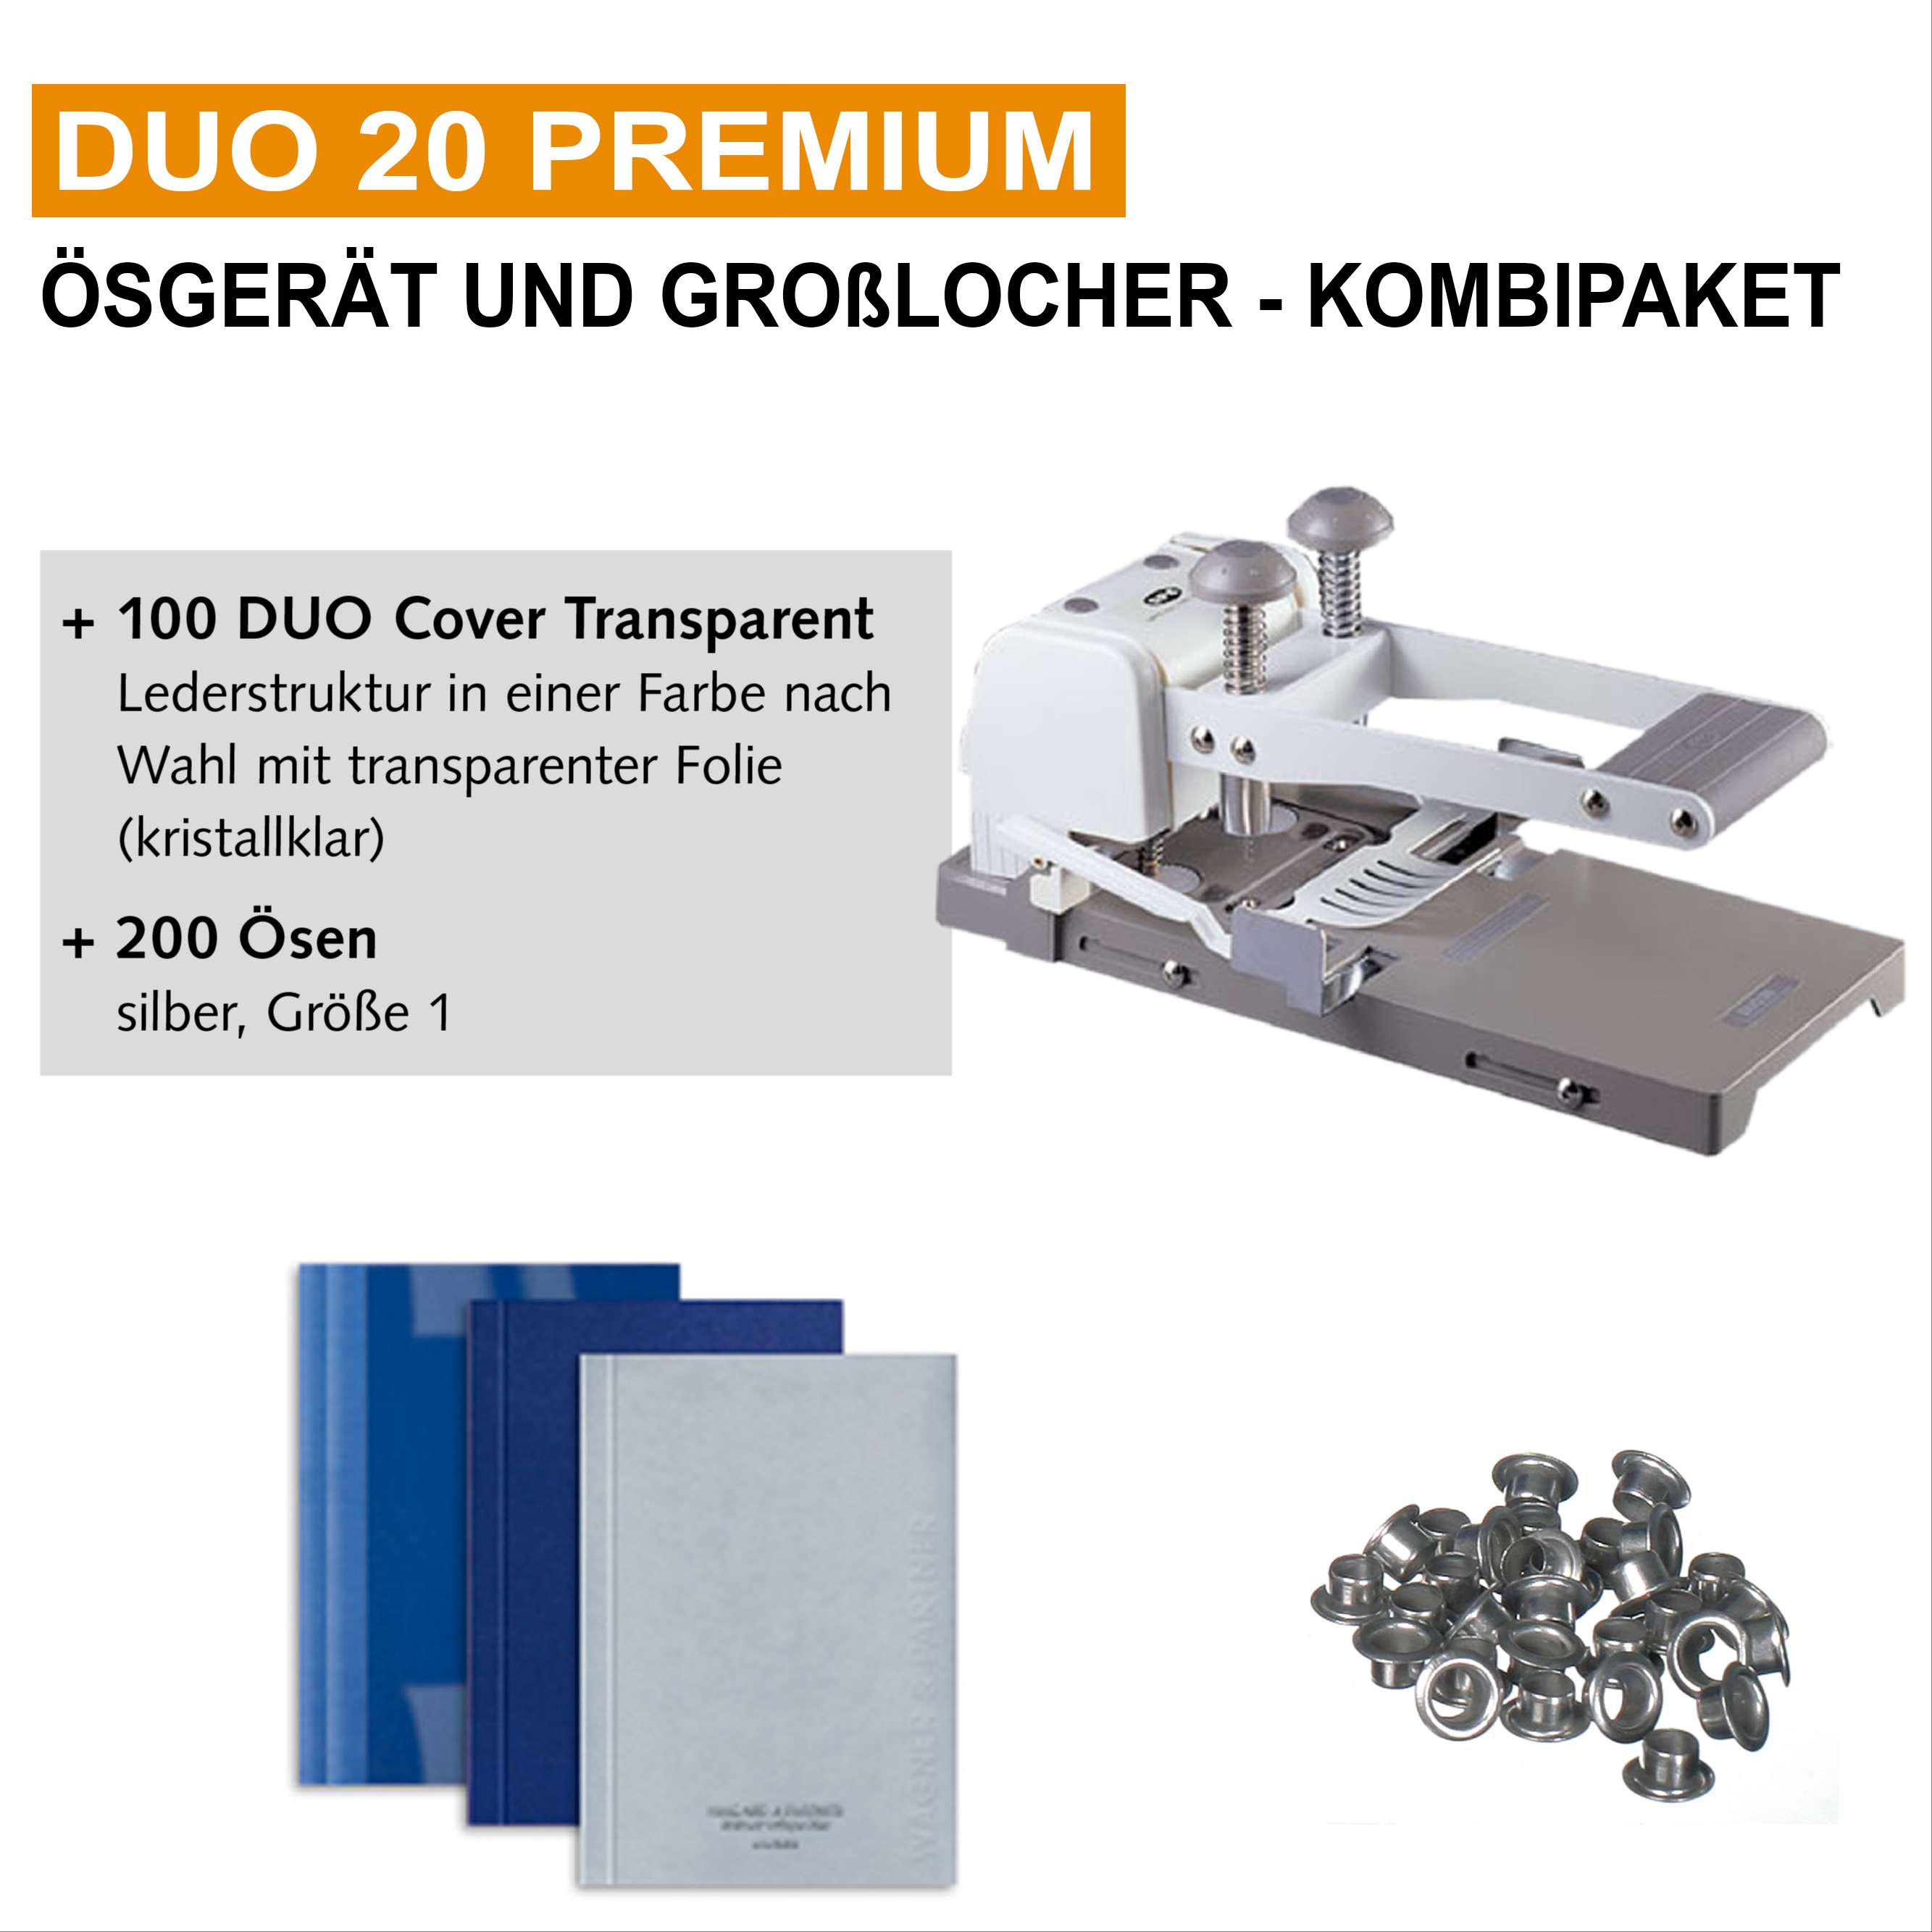 Duo 20 Premium Kombipakete